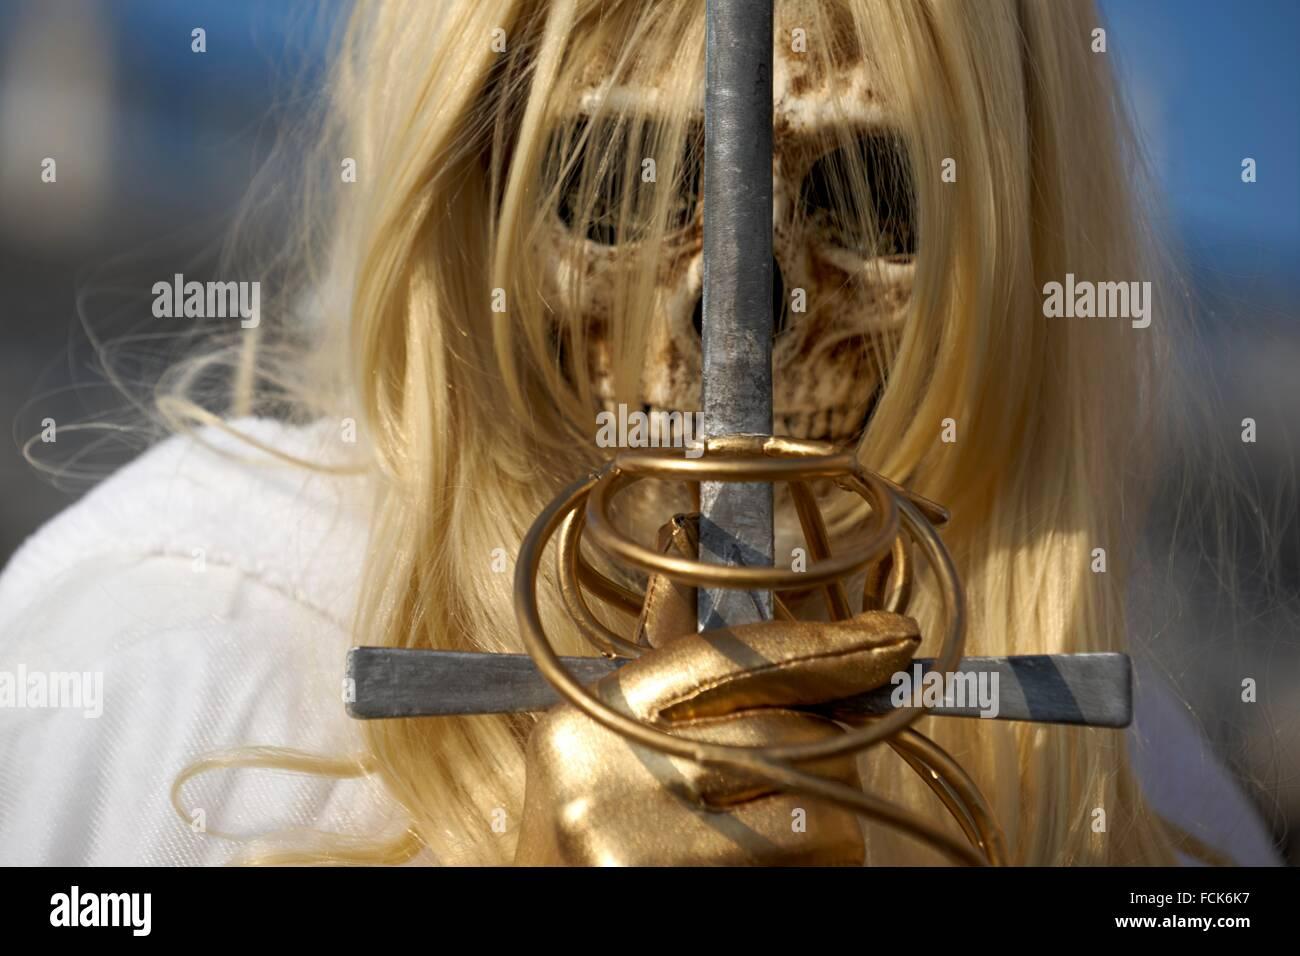 Carnival mask, Grim Reaper, Venice carnival, Venice, Italy - Stock Image